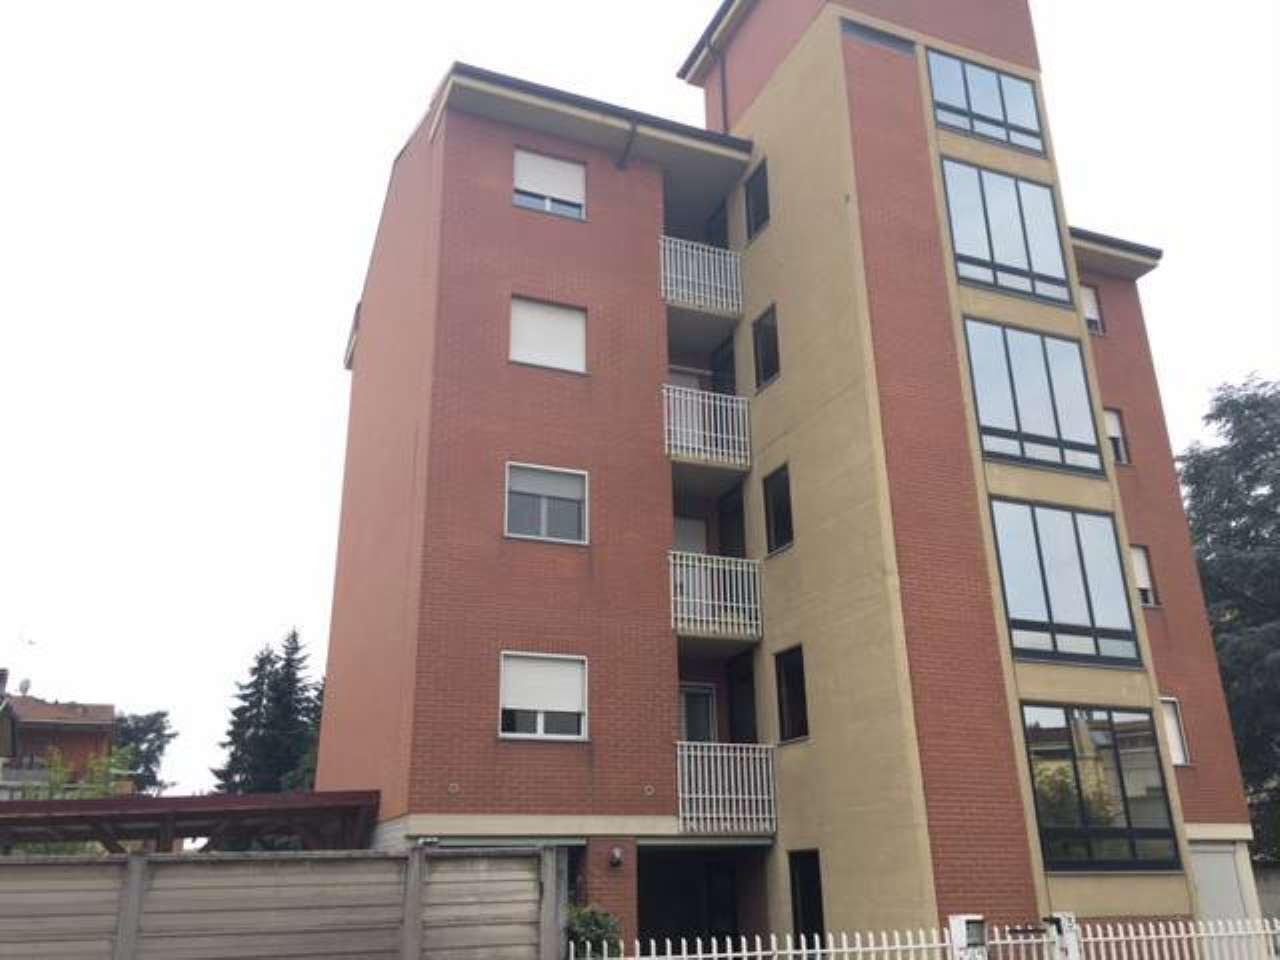 Appartamento in vendita a Alessandria, 3 locali, prezzo € 115.000 | CambioCasa.it